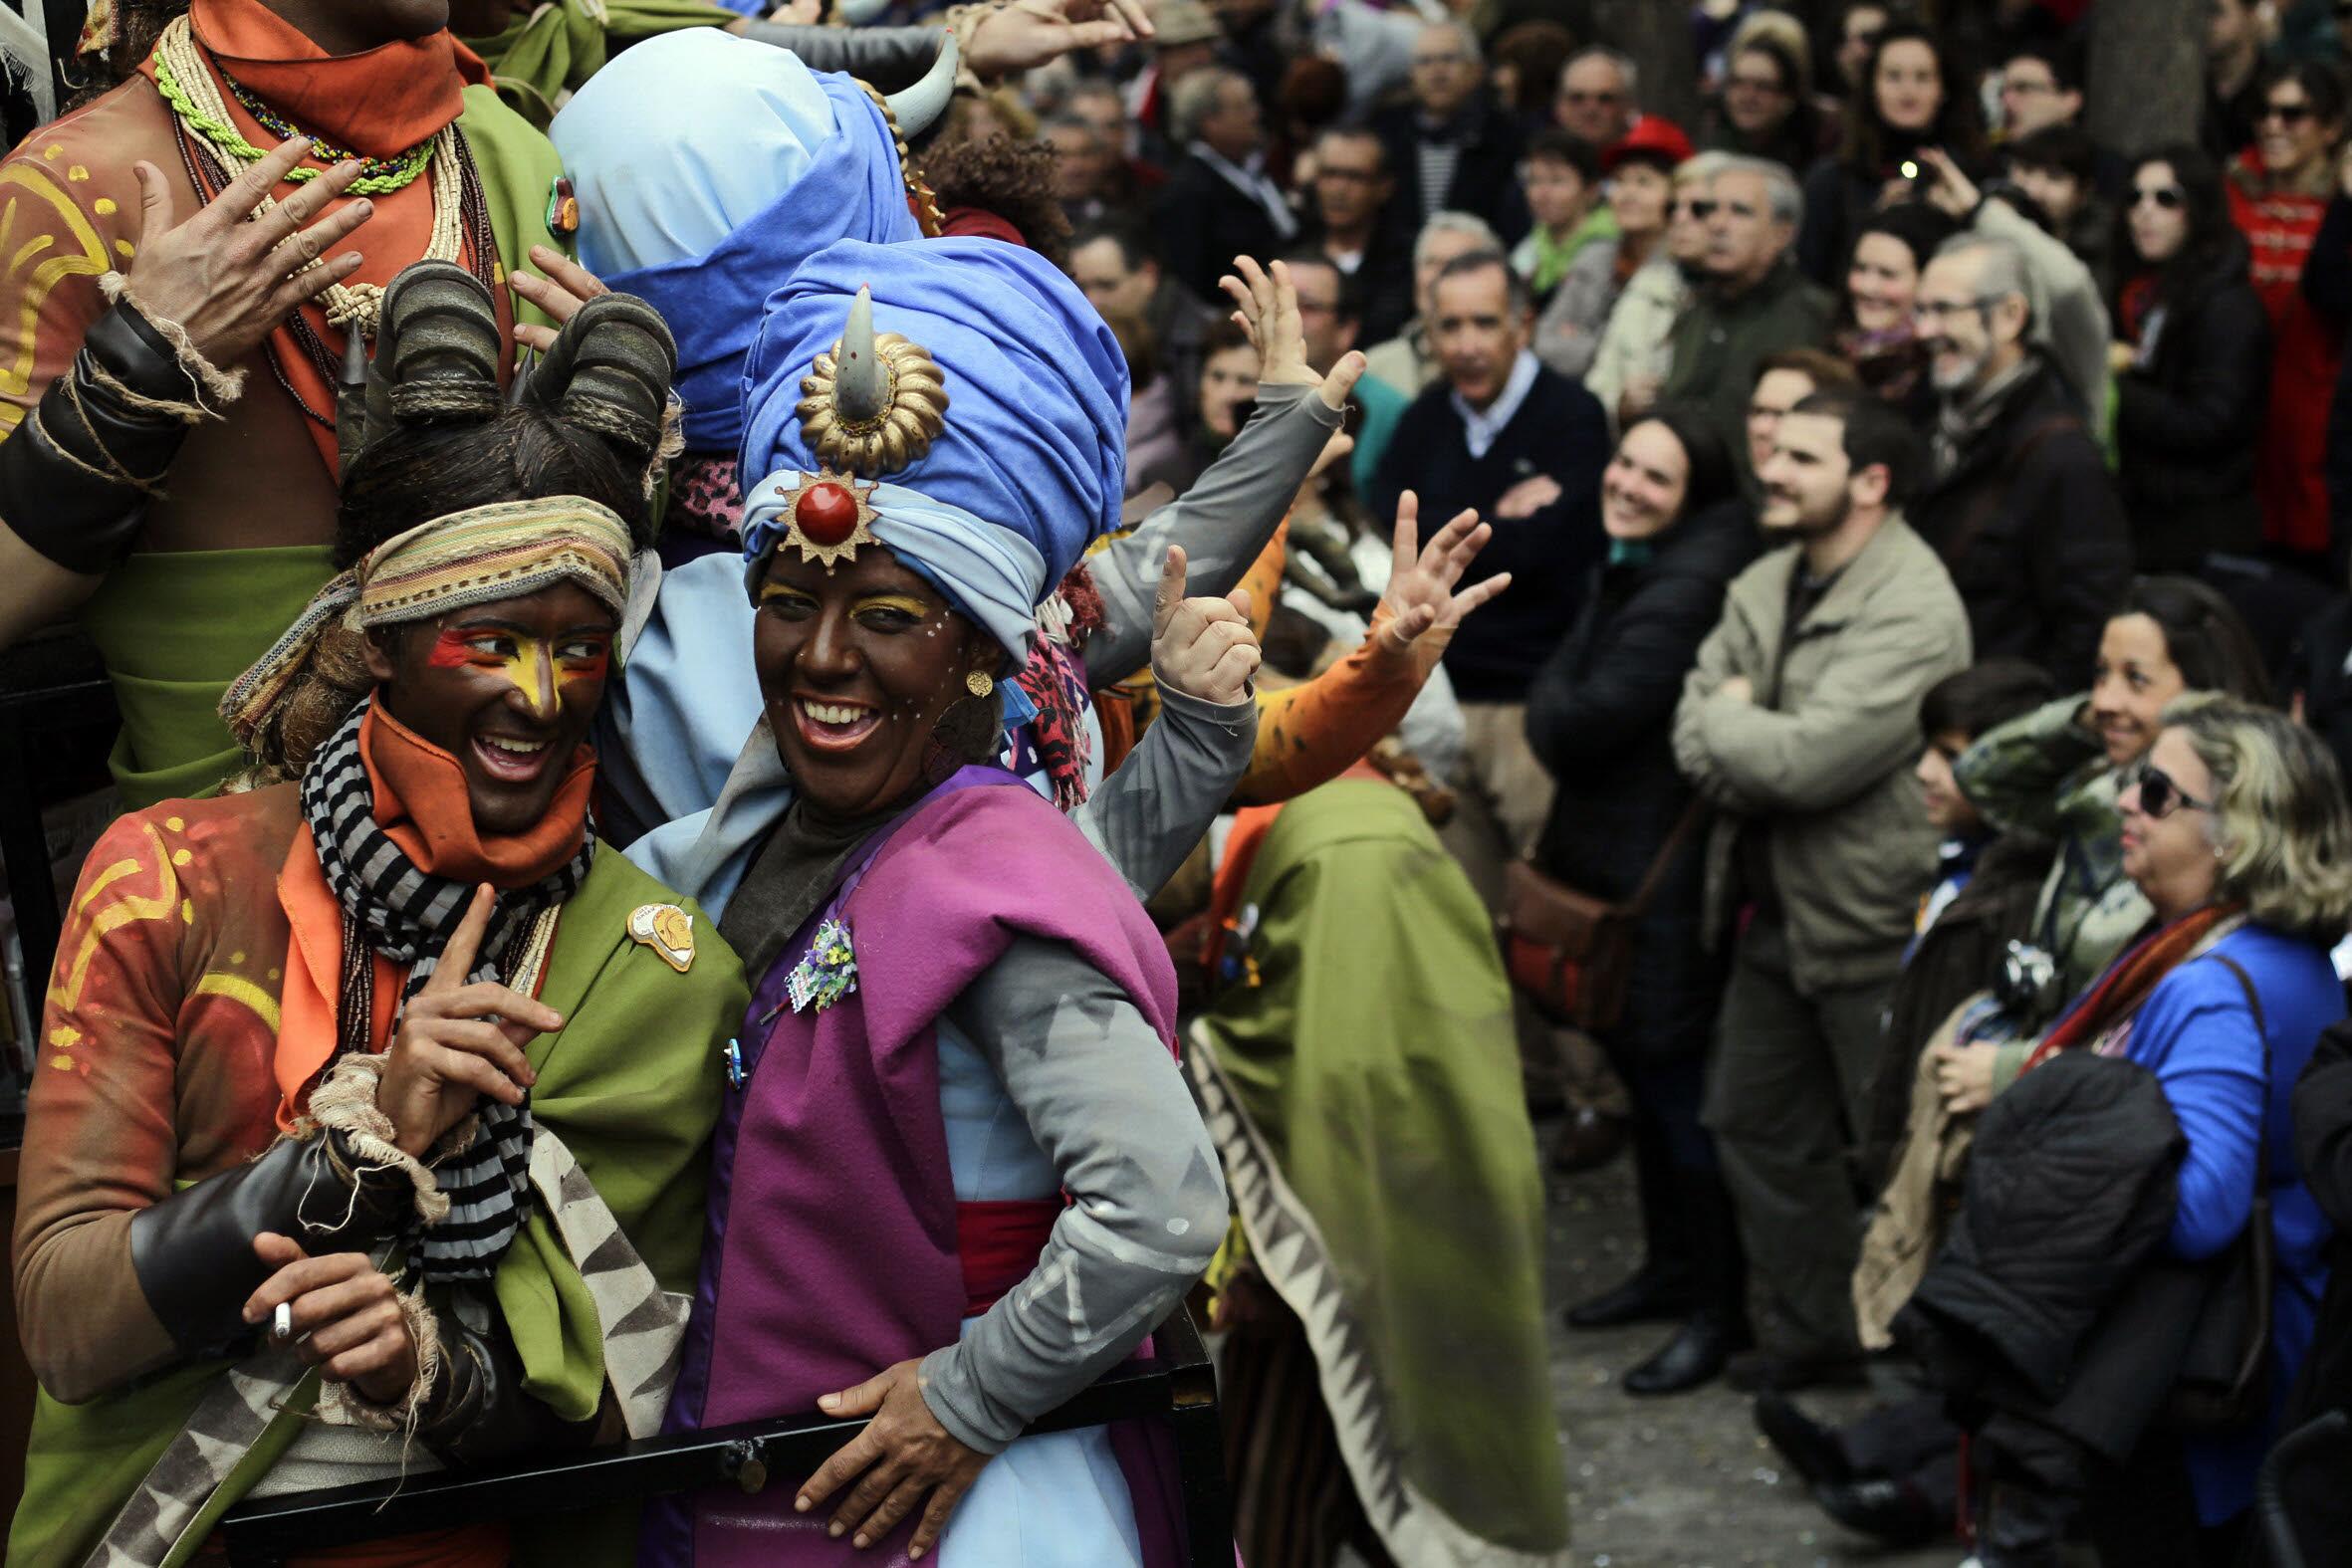 Una plataforma para tumbar la fecha fija del Carnaval de Cádiz